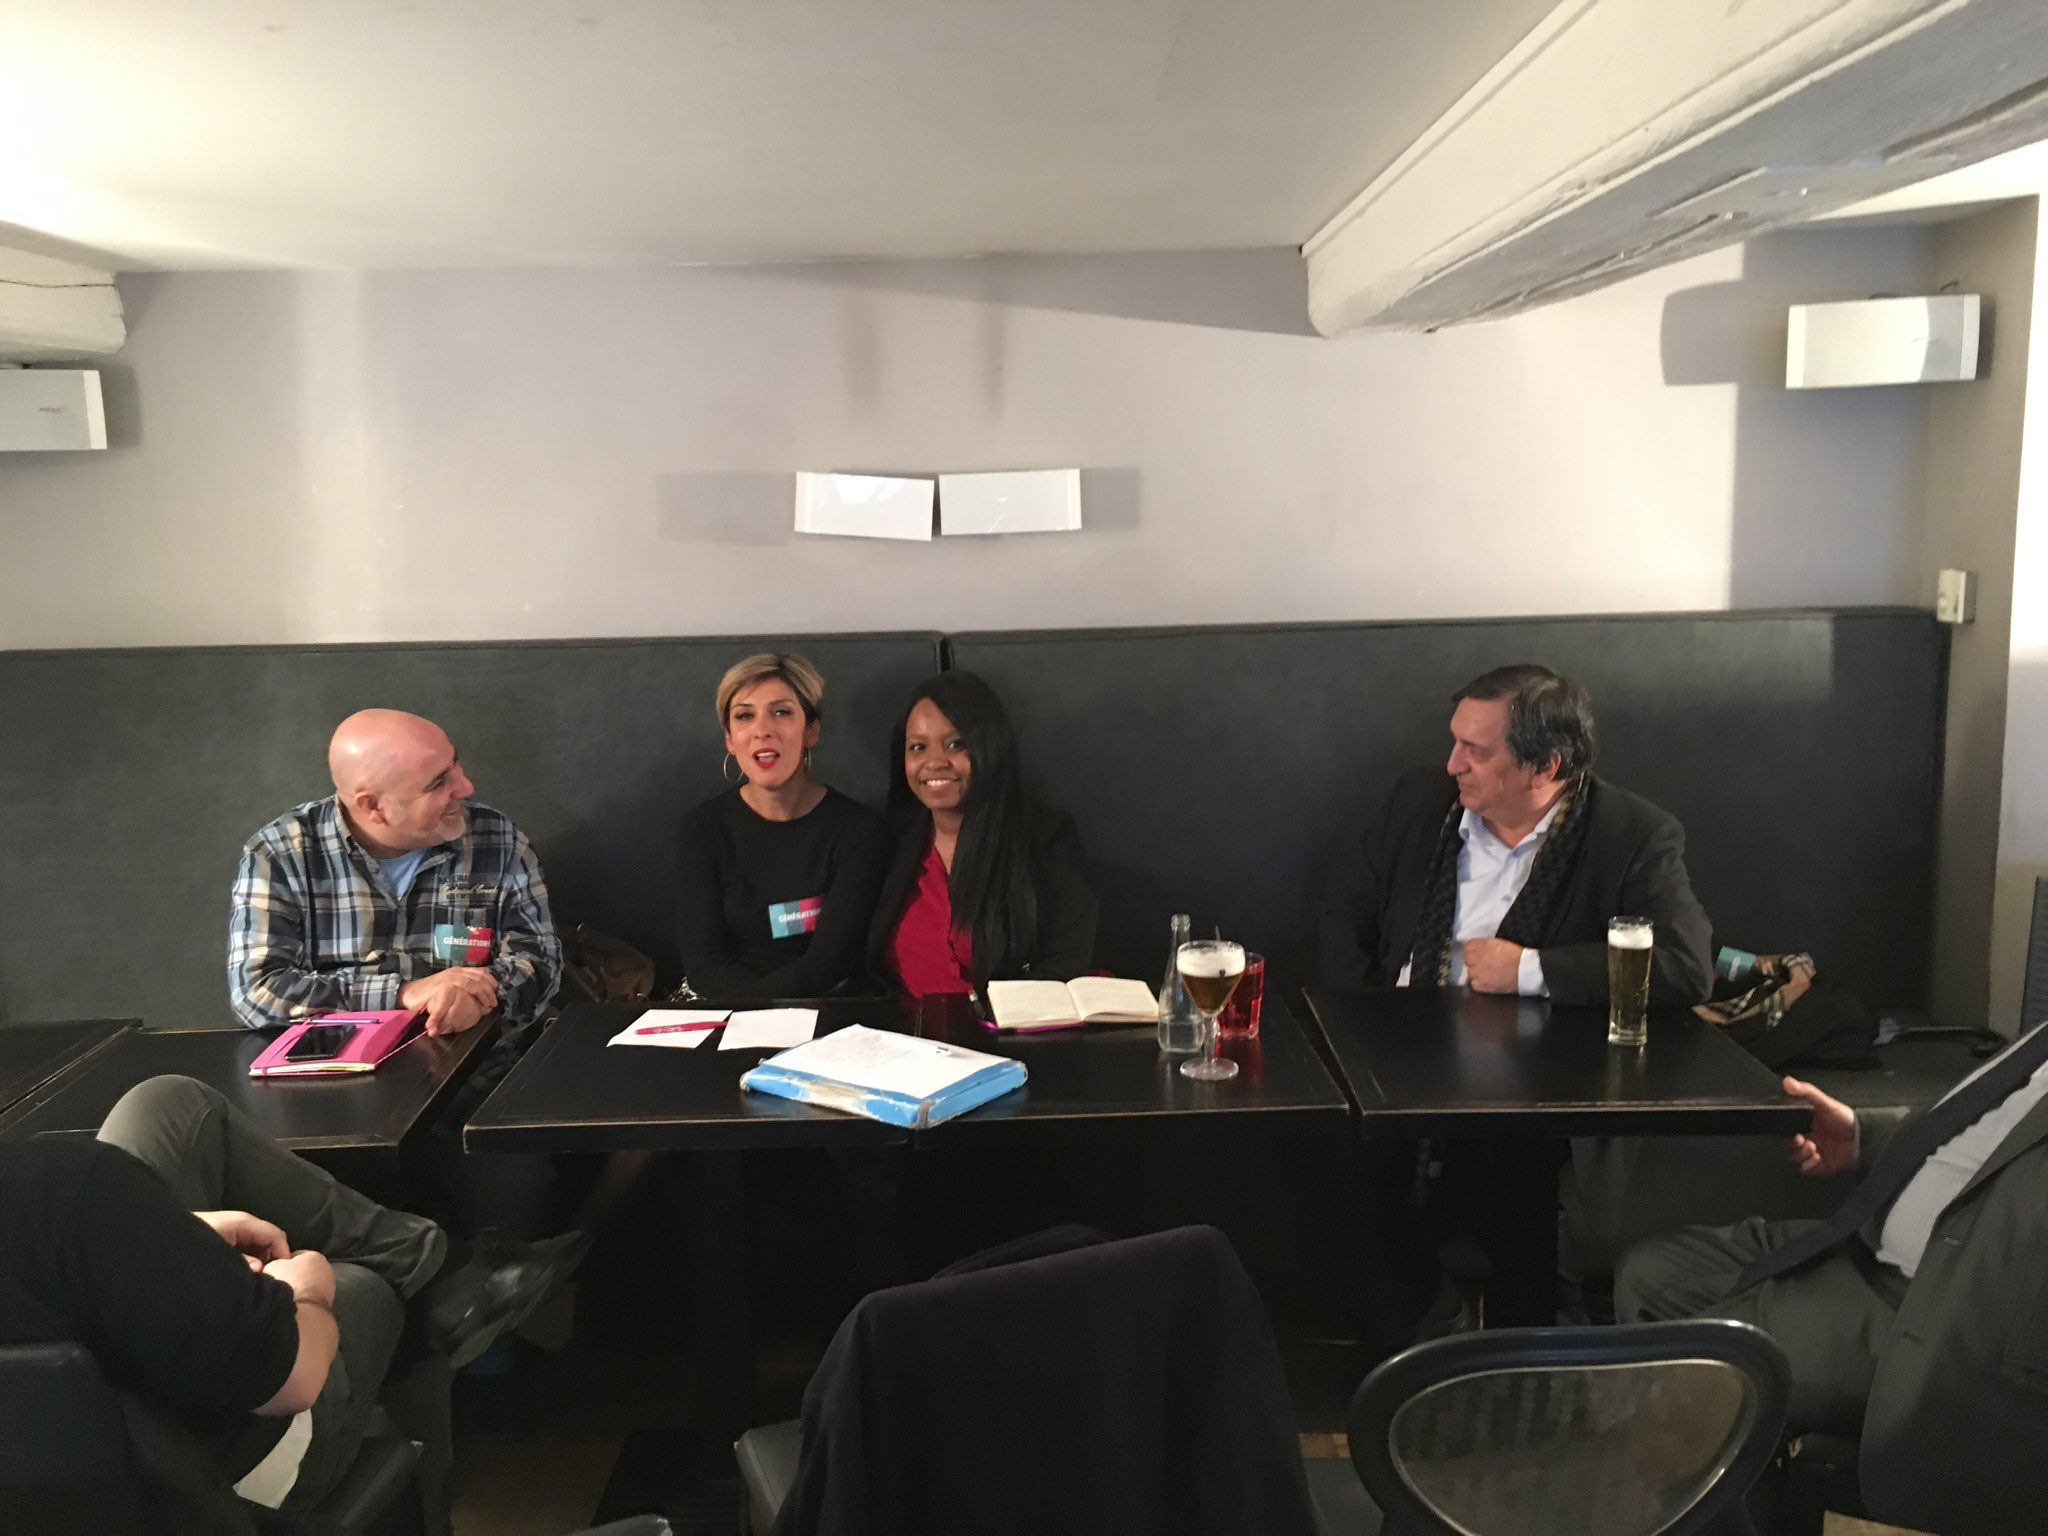 Karim Aou, Zerrin Bataray, Sarah Soilihi et Yves Fournel lors de la Conférence de Génération.s Hamon. Crédits : Etienne Aazzab